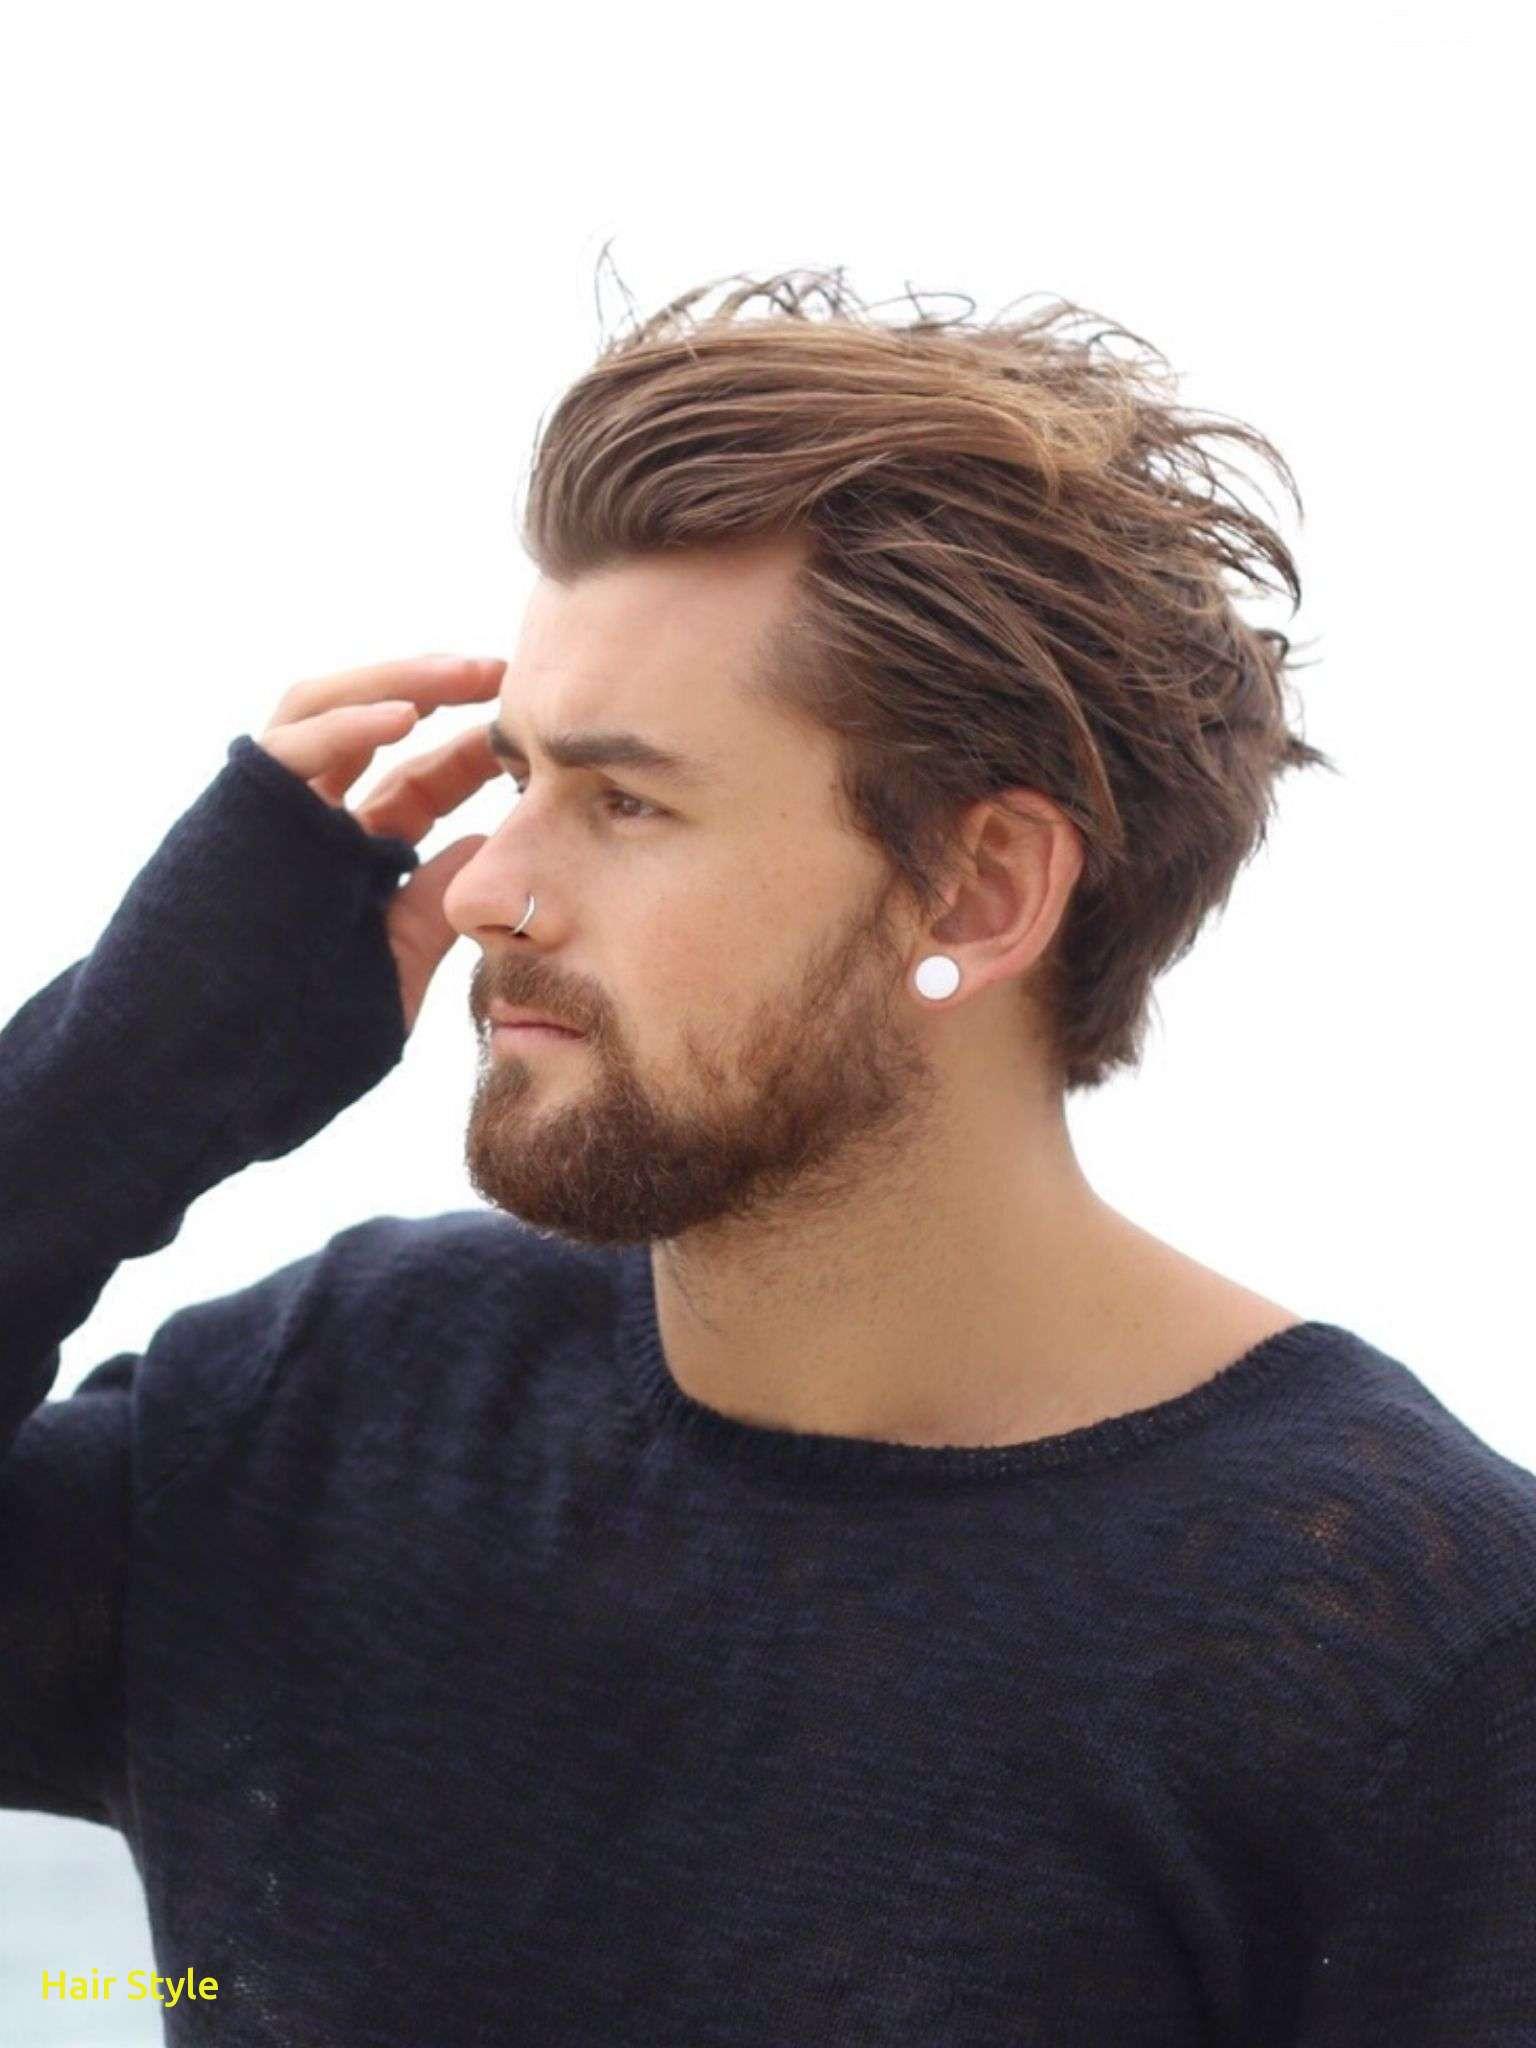 Frisuren 2019 Herren  Luxus mittlerer Länge Herren Haarschnitte 2019 Neu